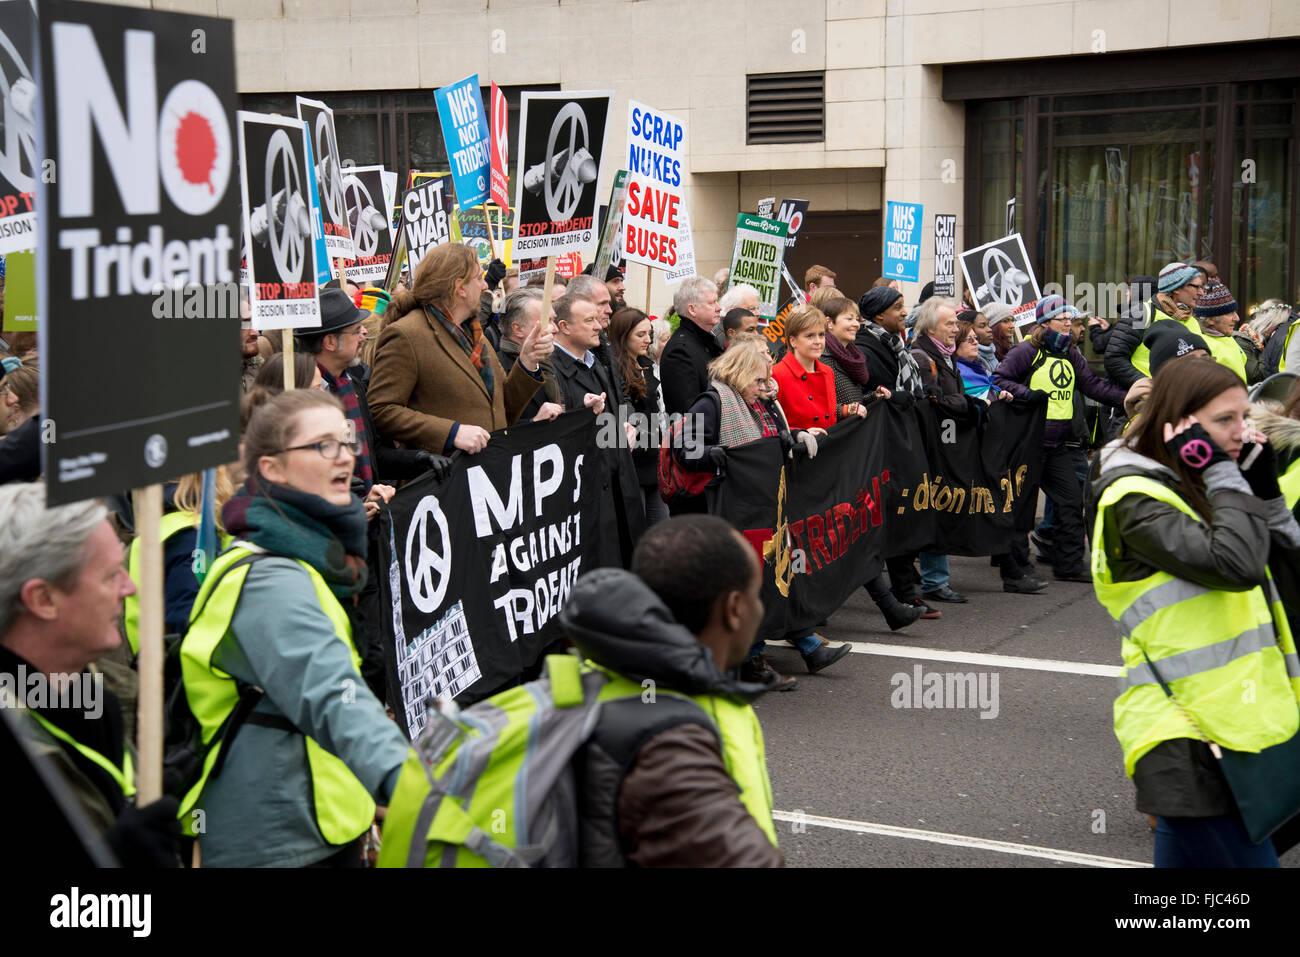 Detener Trident manifestación organizada por la Campaña para el desarme nuclear, Londres, Inglaterra, Imagen De Stock